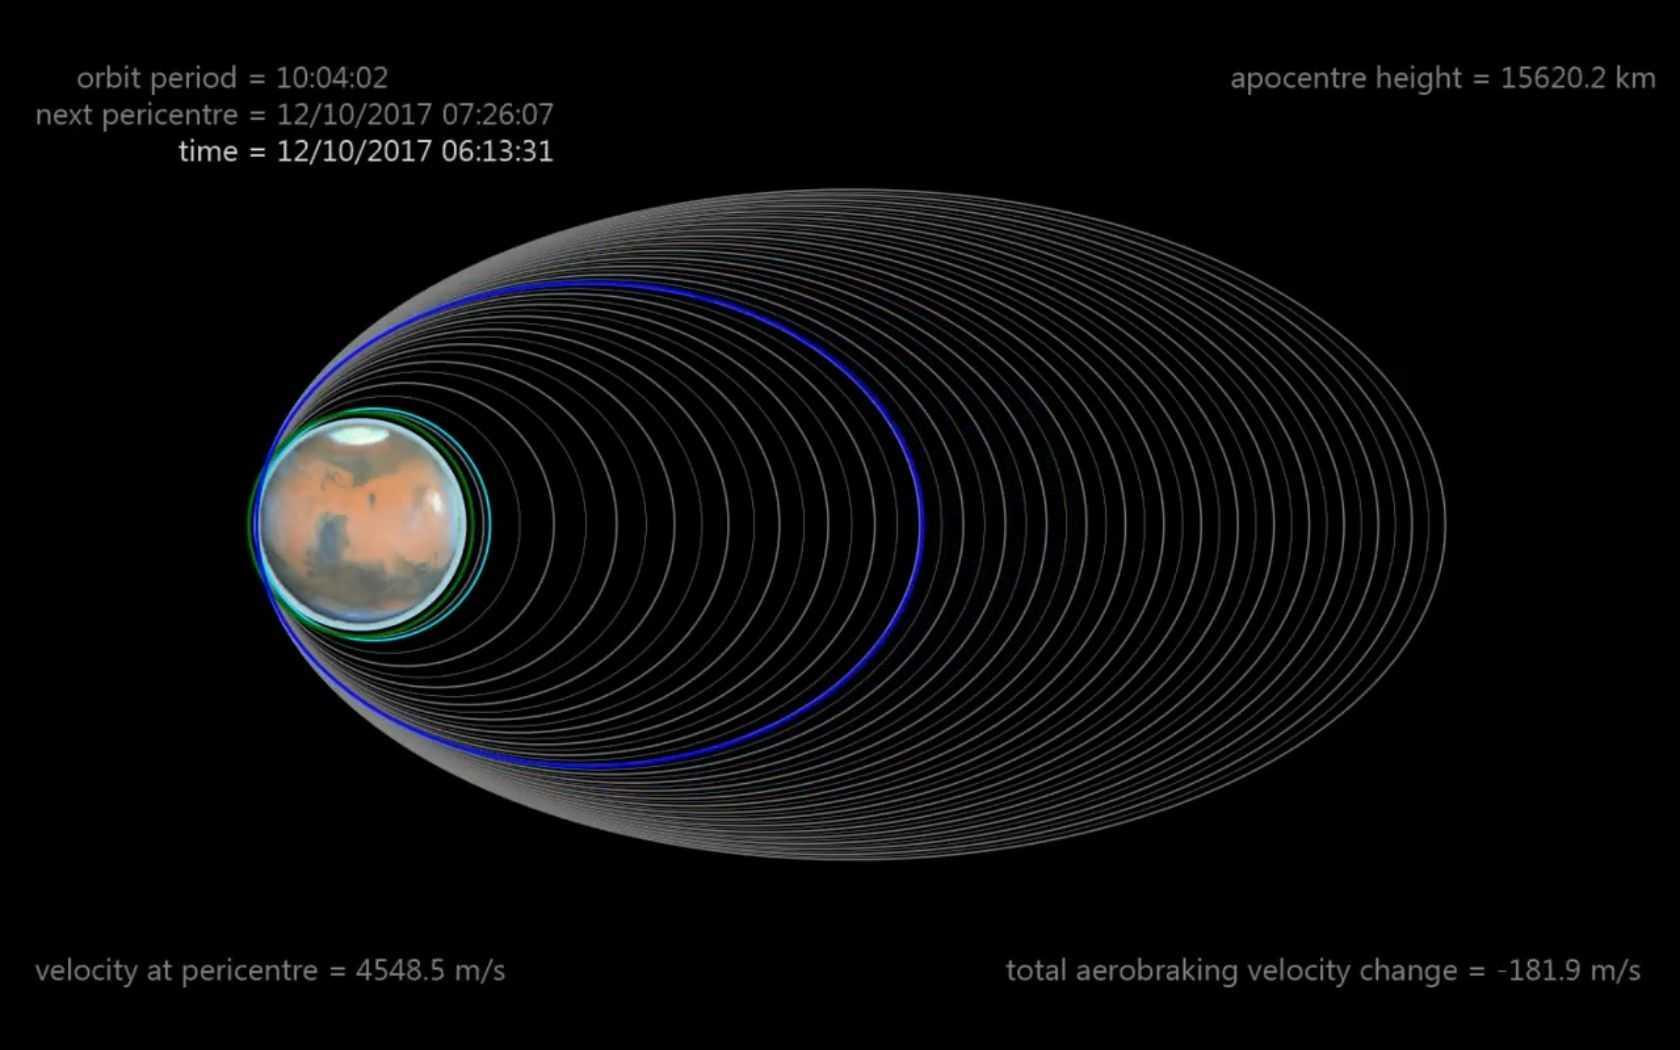 Mit dem Bremsvorgang konnte der elliptische Orbit mit jedem Umlauf der Sonde enger gezogen werden.